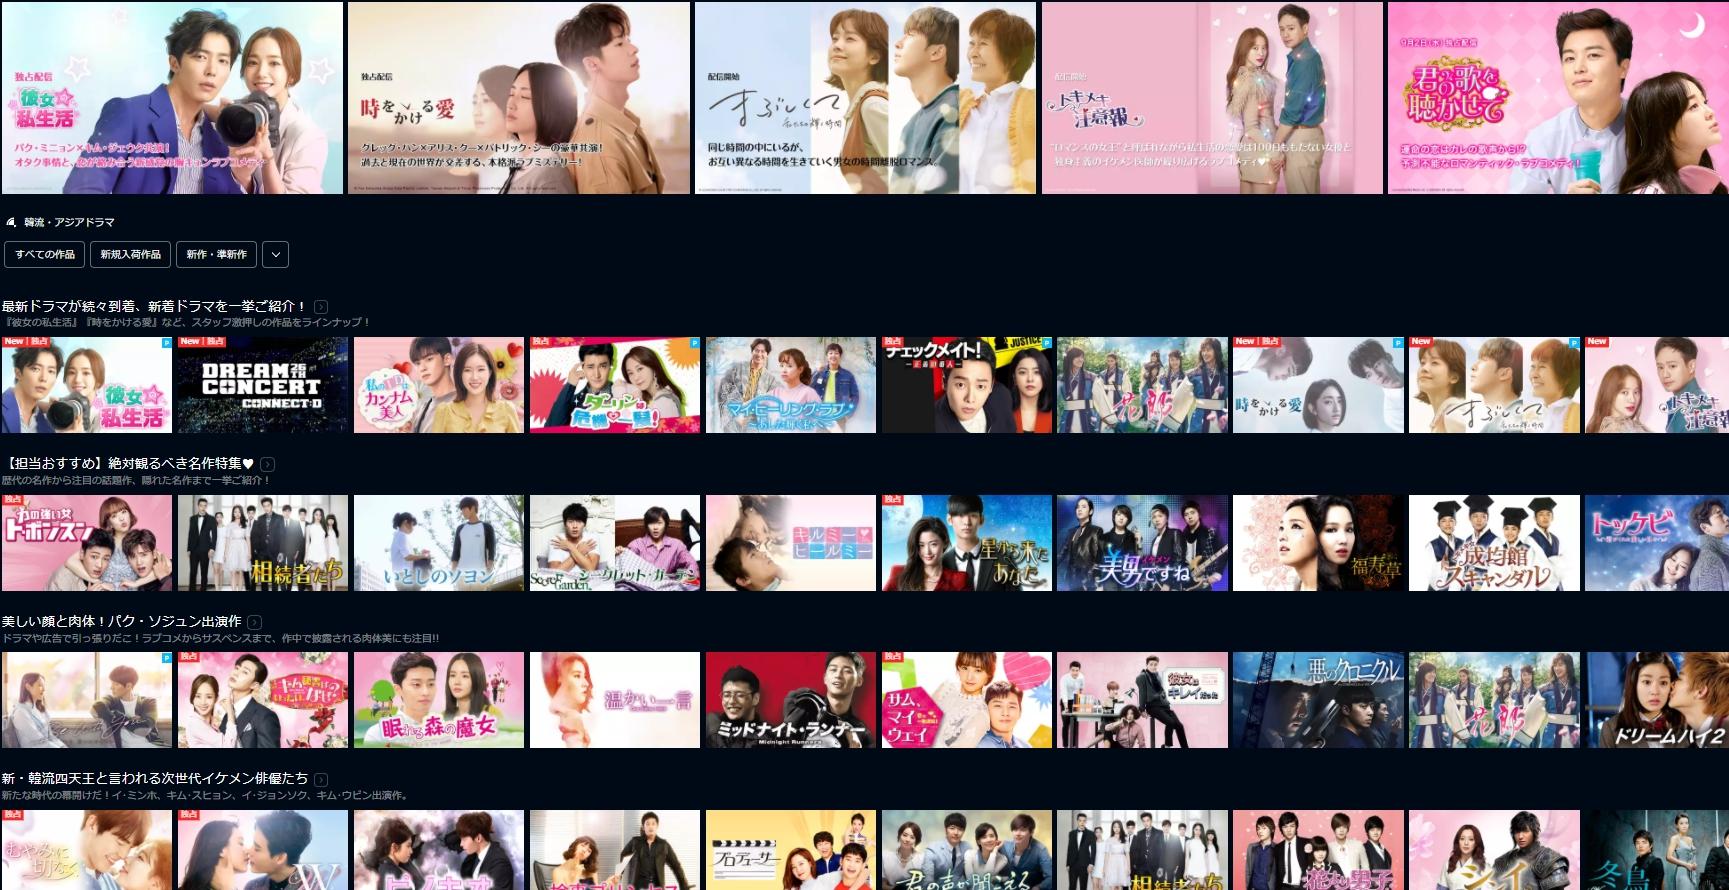 韓国 配信 ドラマ 予定 アマゾン プライム